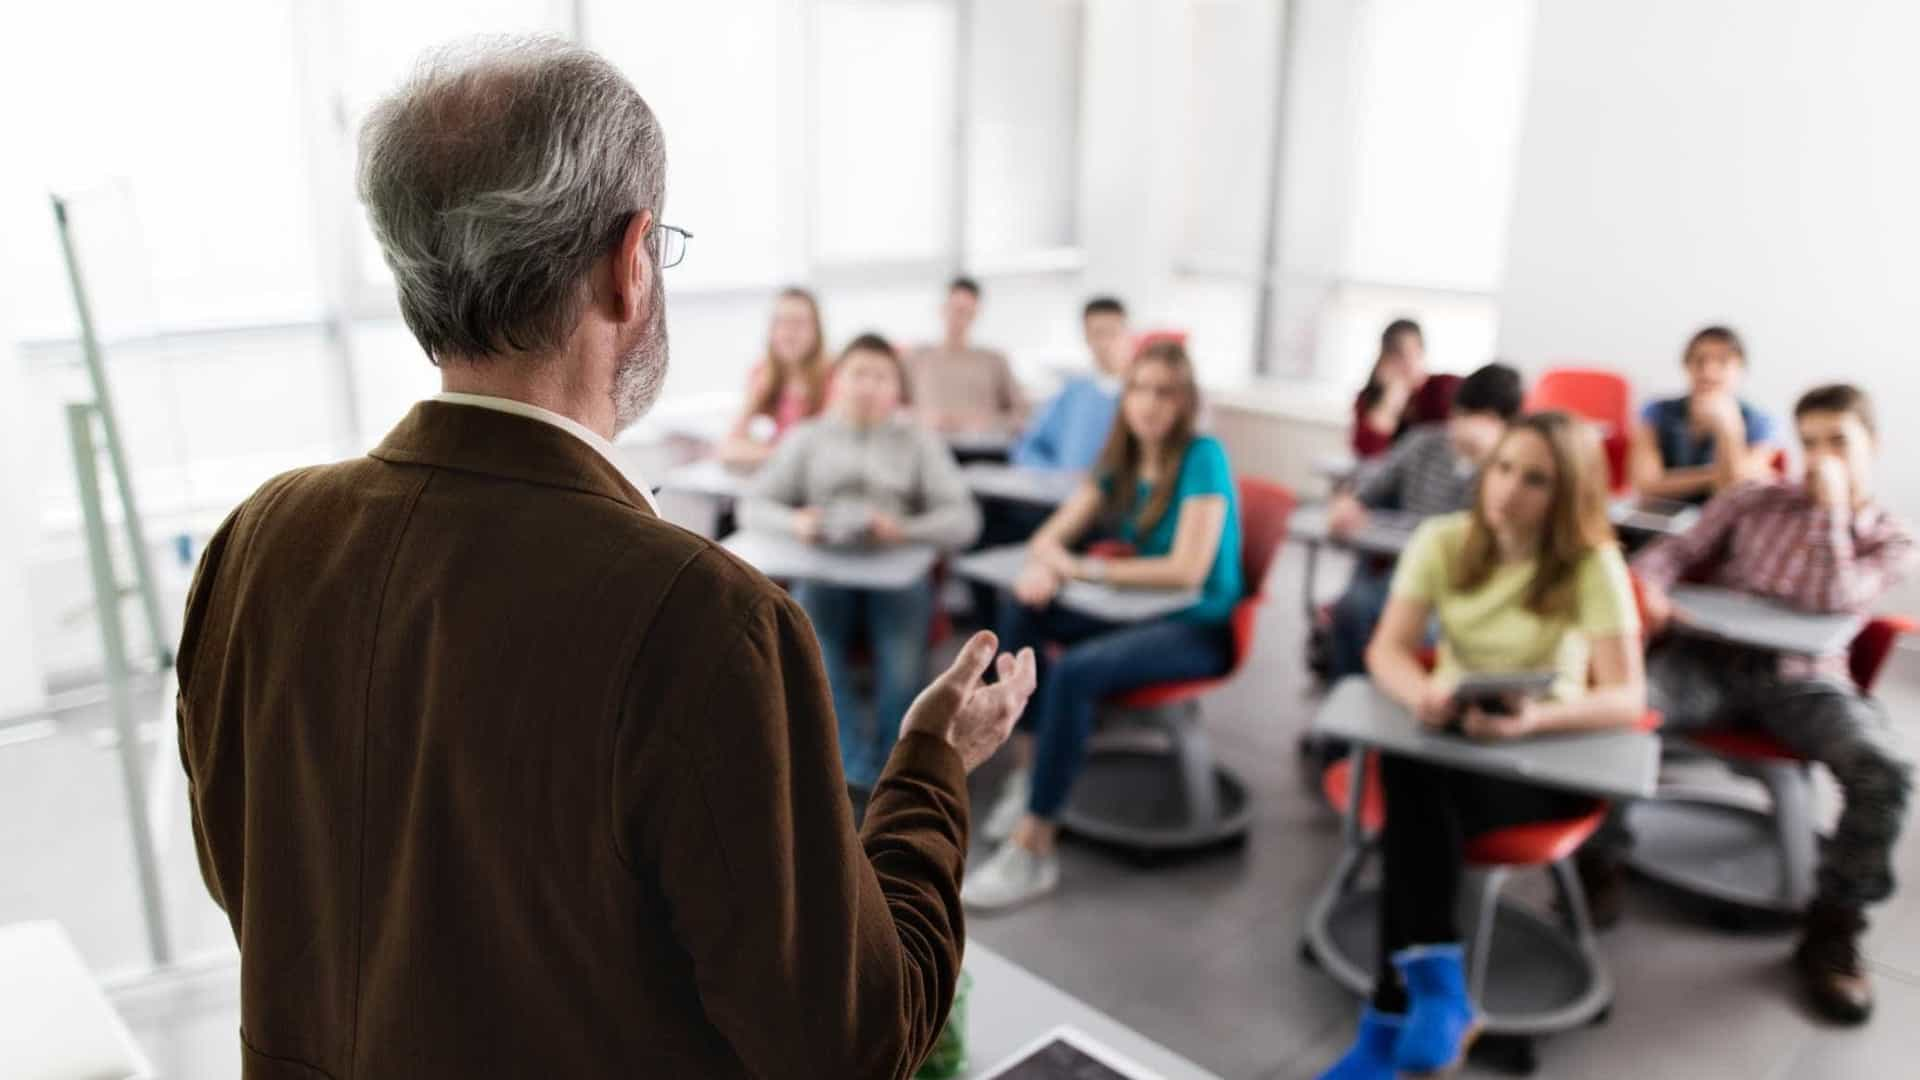 Escolas particulares vão dispensar em 2019 nova idade para fundamental